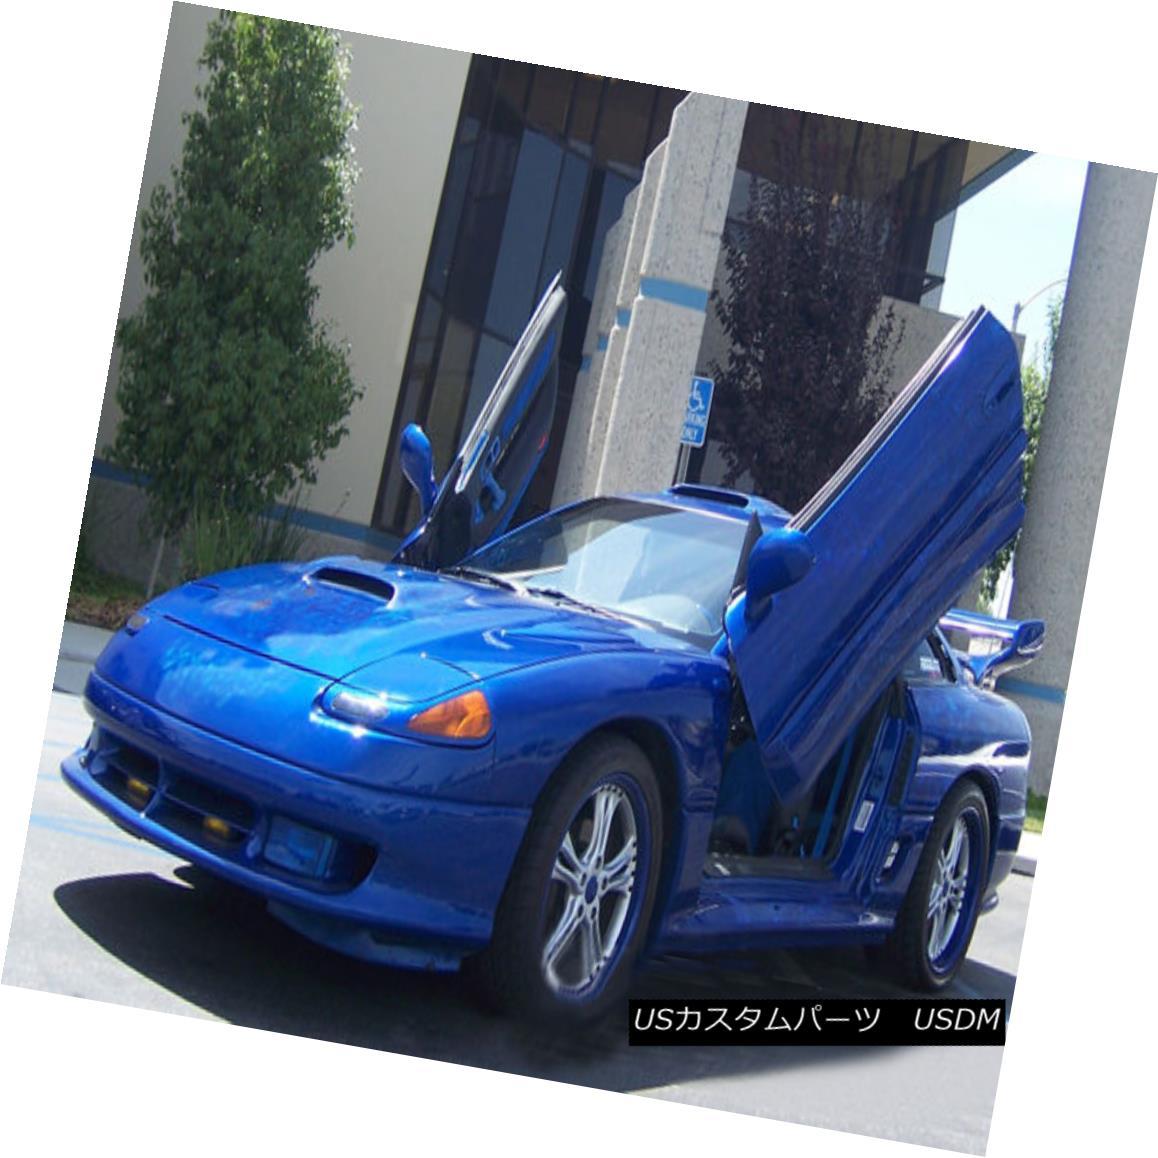 ガルウィングキット Direct Bolt On Vertical Lambo Doors Hinges Kit With Warranty VDCDSTE9196 VDCDSTE9196保証付き垂直ランボルフトドアヒンジキットの直接ボルト